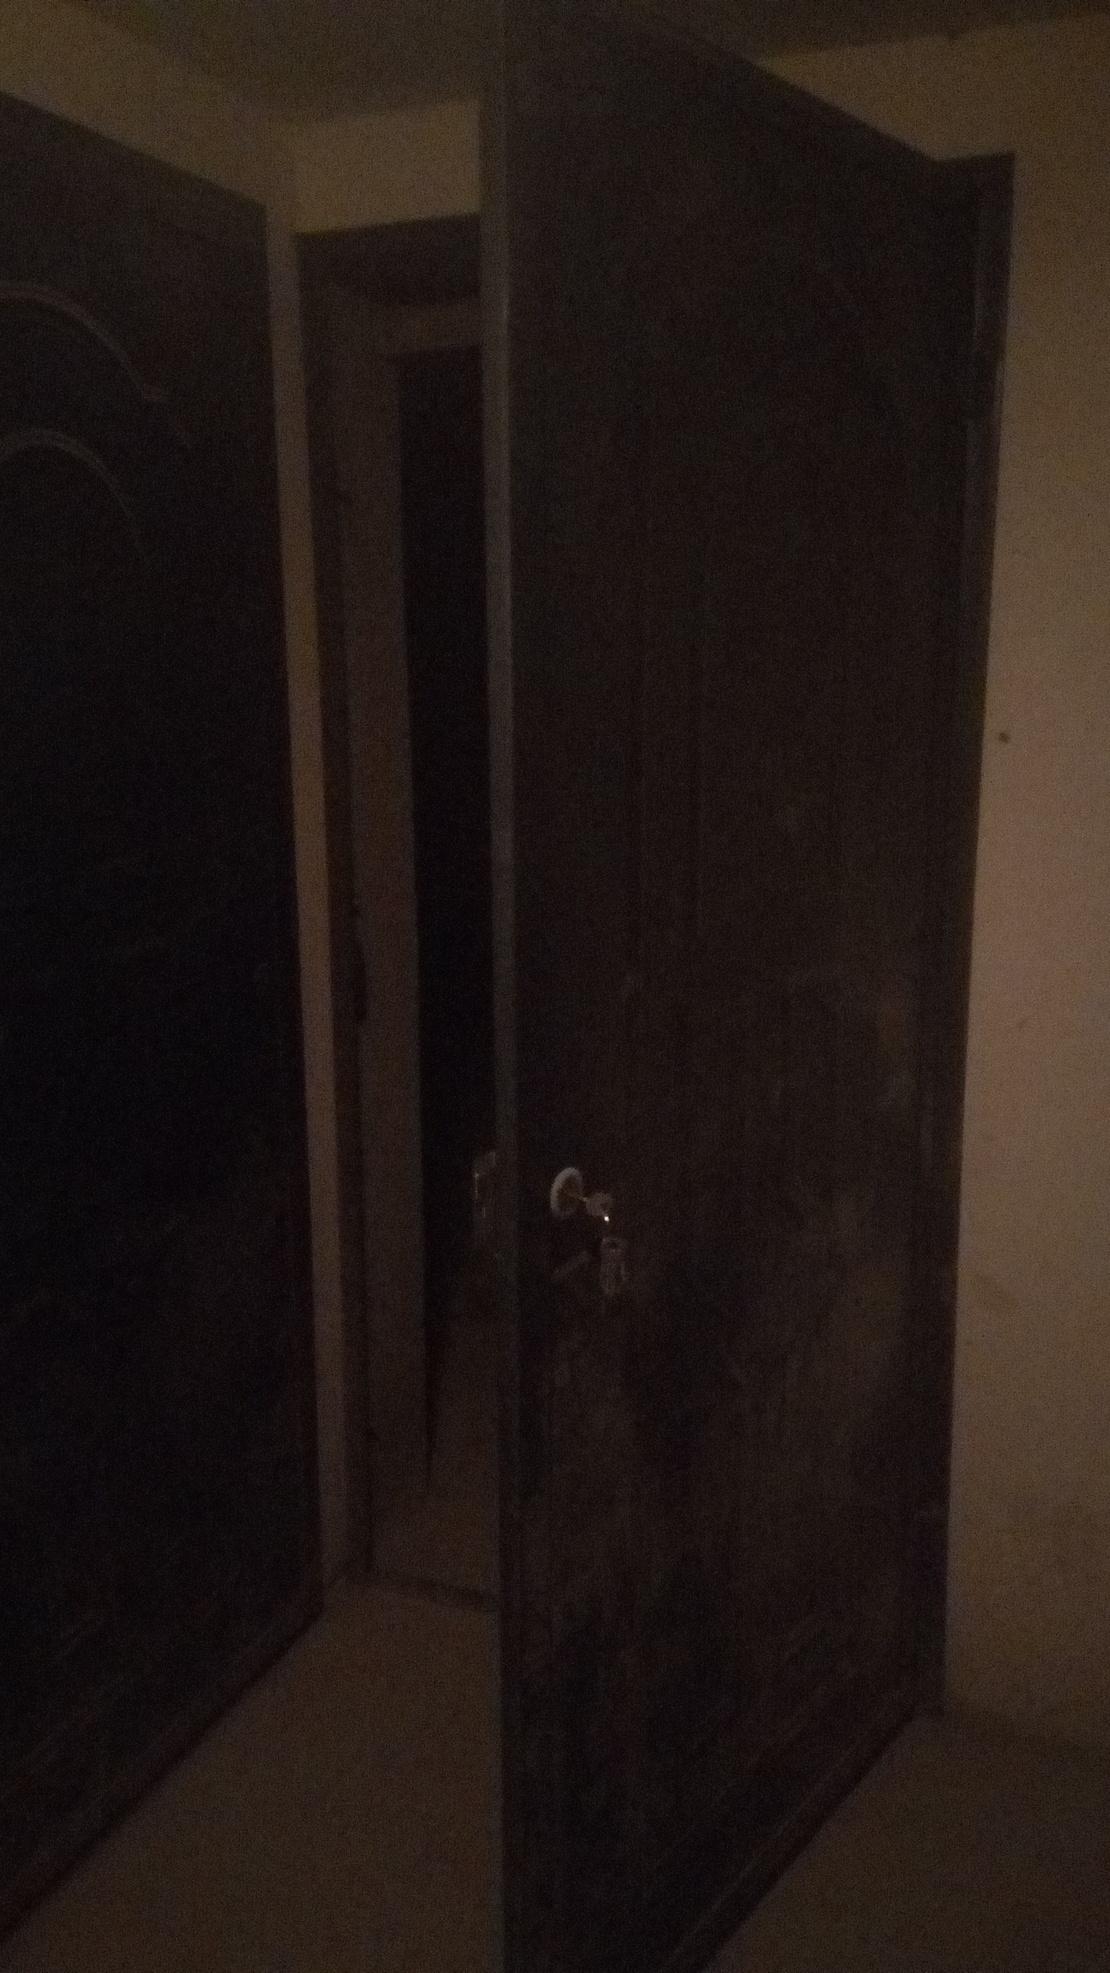 每次一个人打开地下室门都感觉会有什么暗黑的东西要出来